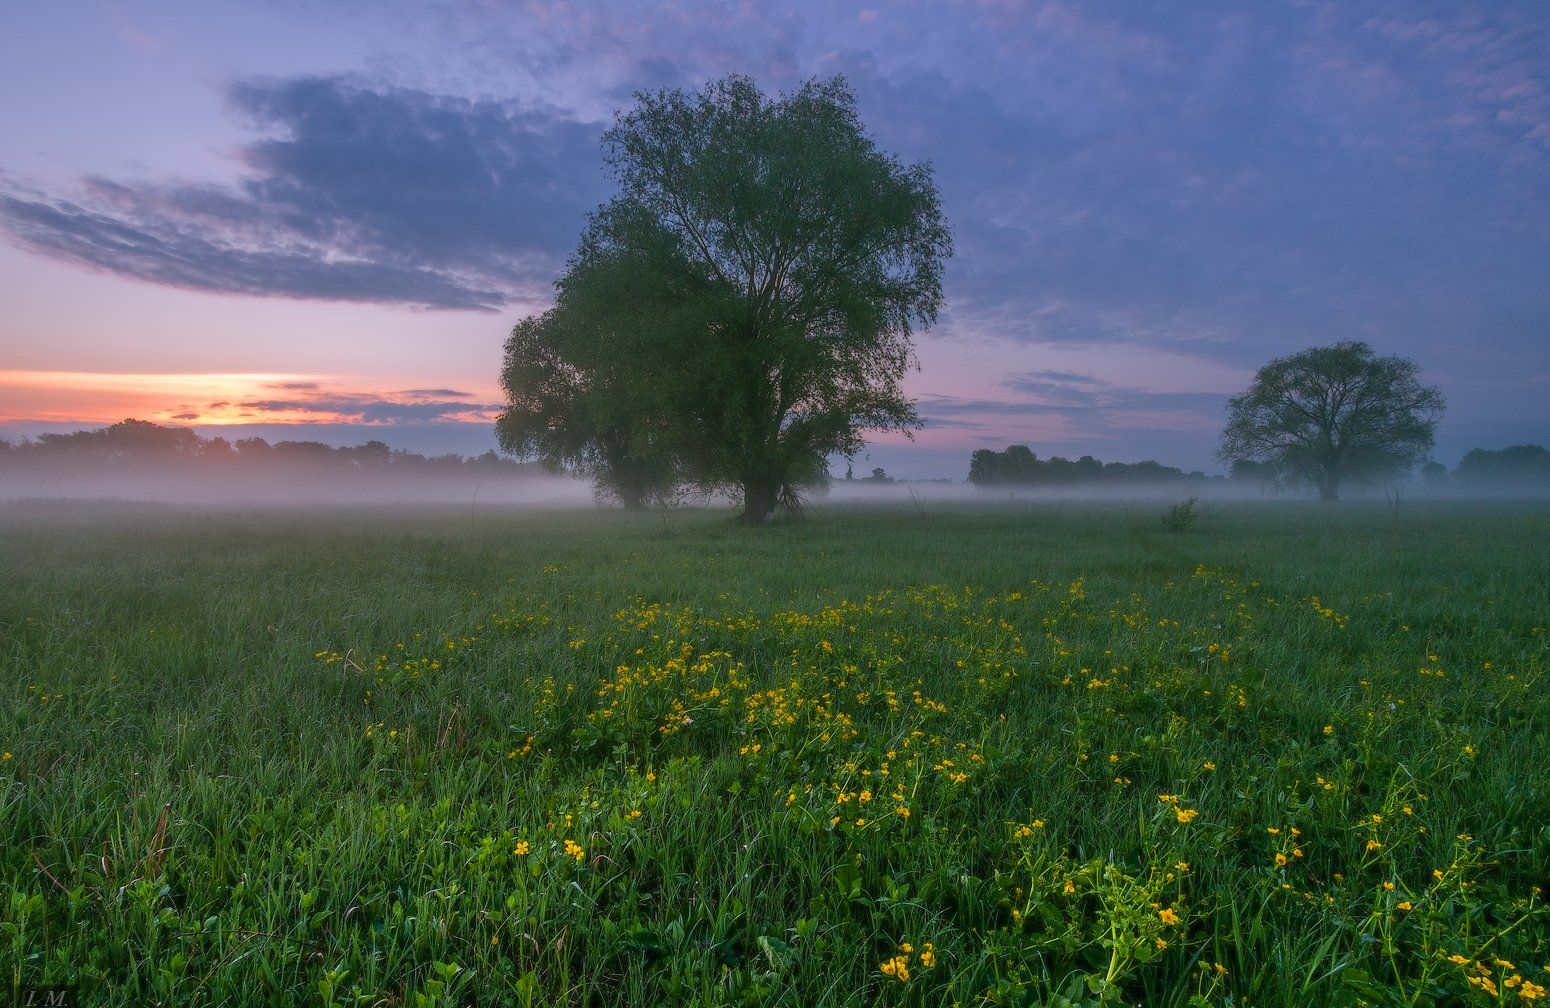 рассвет, утро, весна, луг, травы, дерево, туман, morning, fog, spring, sunrise, I'M